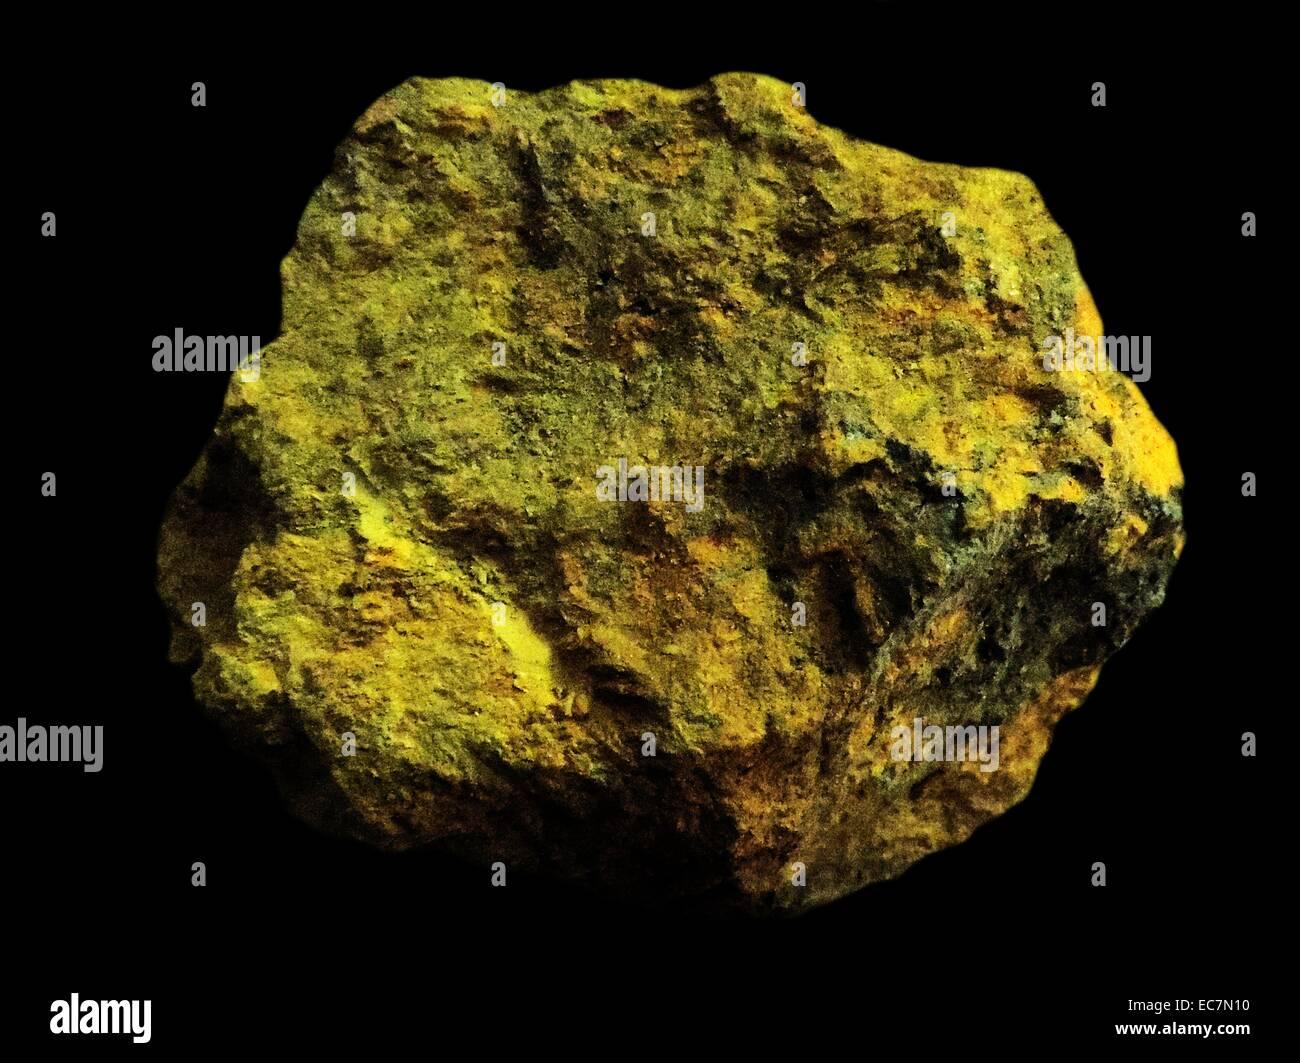 Orpiment es un profundo color amarillo-naranja de mineral de sulfuro de arsénico. Se encuentra en las fumarolas volcánicas, vetas hidrotermales de baja temperatura y las aguas termales y formado tanto por sublimación y como subproducto de otro subproducto realgar mineral. Foto de stock